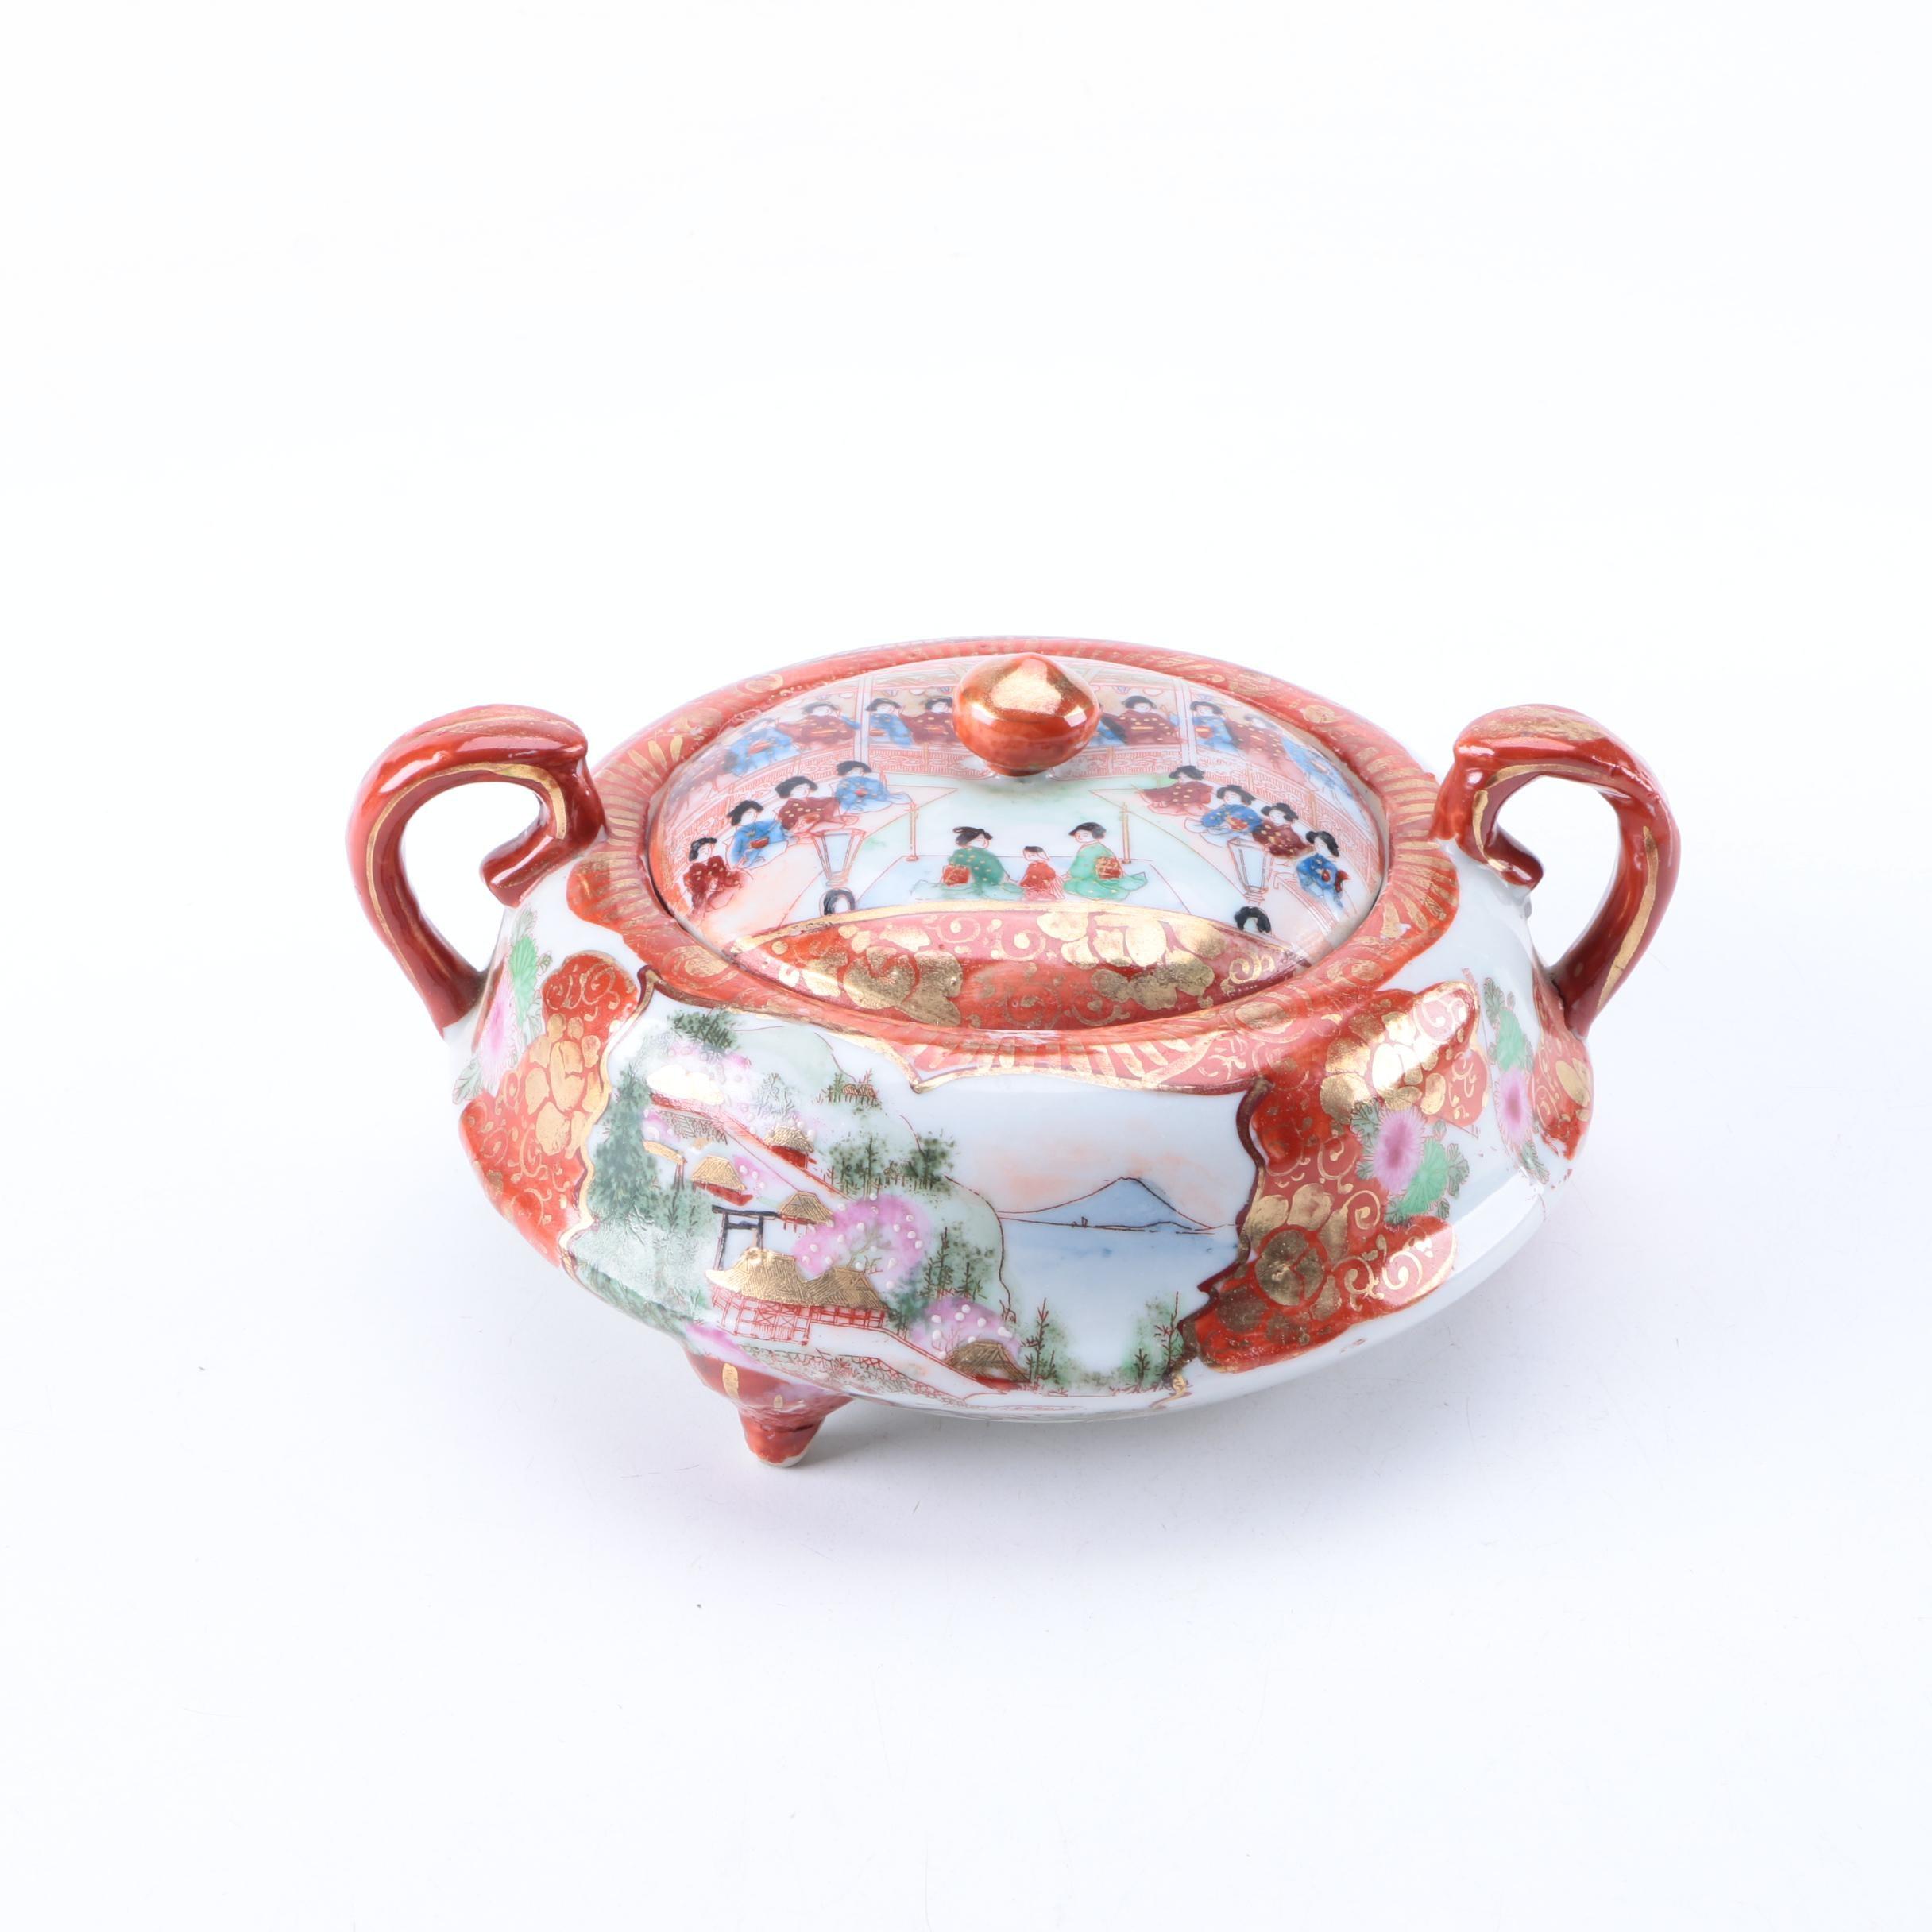 Japanese Handmade Sugar Bowl